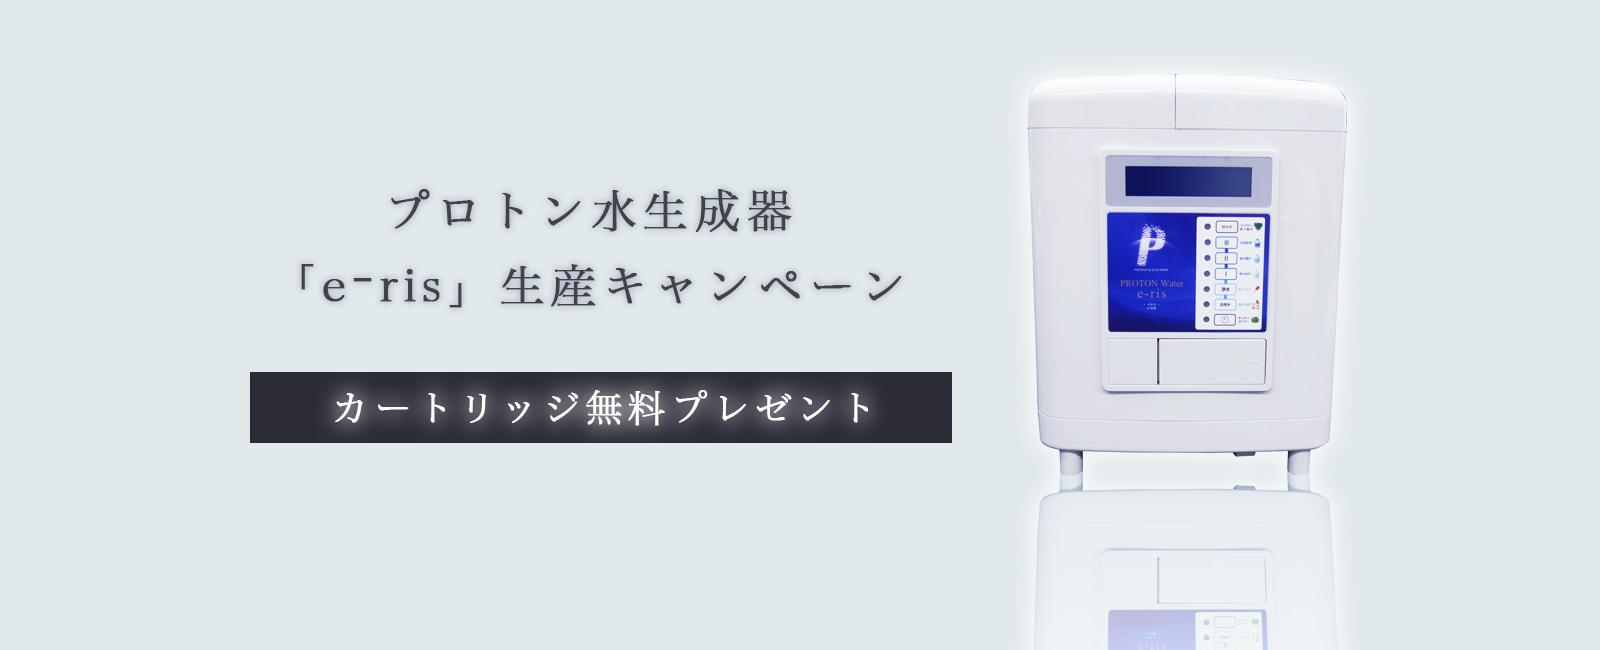 アリッジオリジナル「e⁻ris」生産キャンペーン